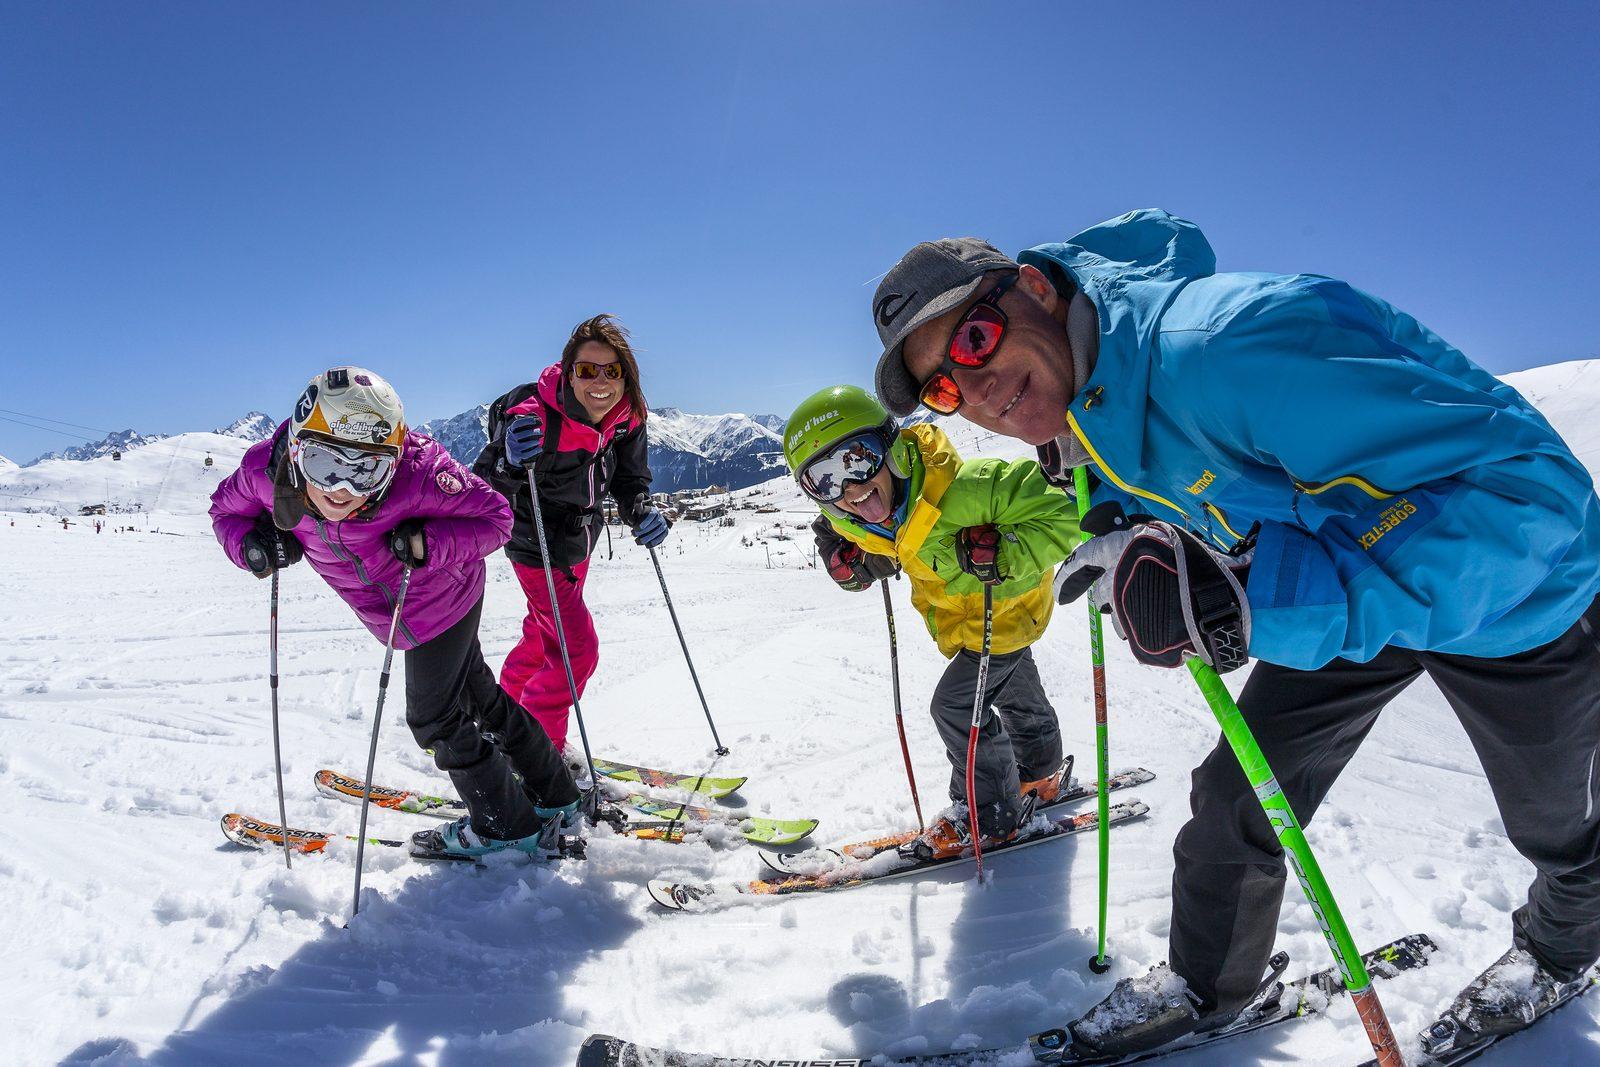 Wintersporterlebnis für die ganze Familie!